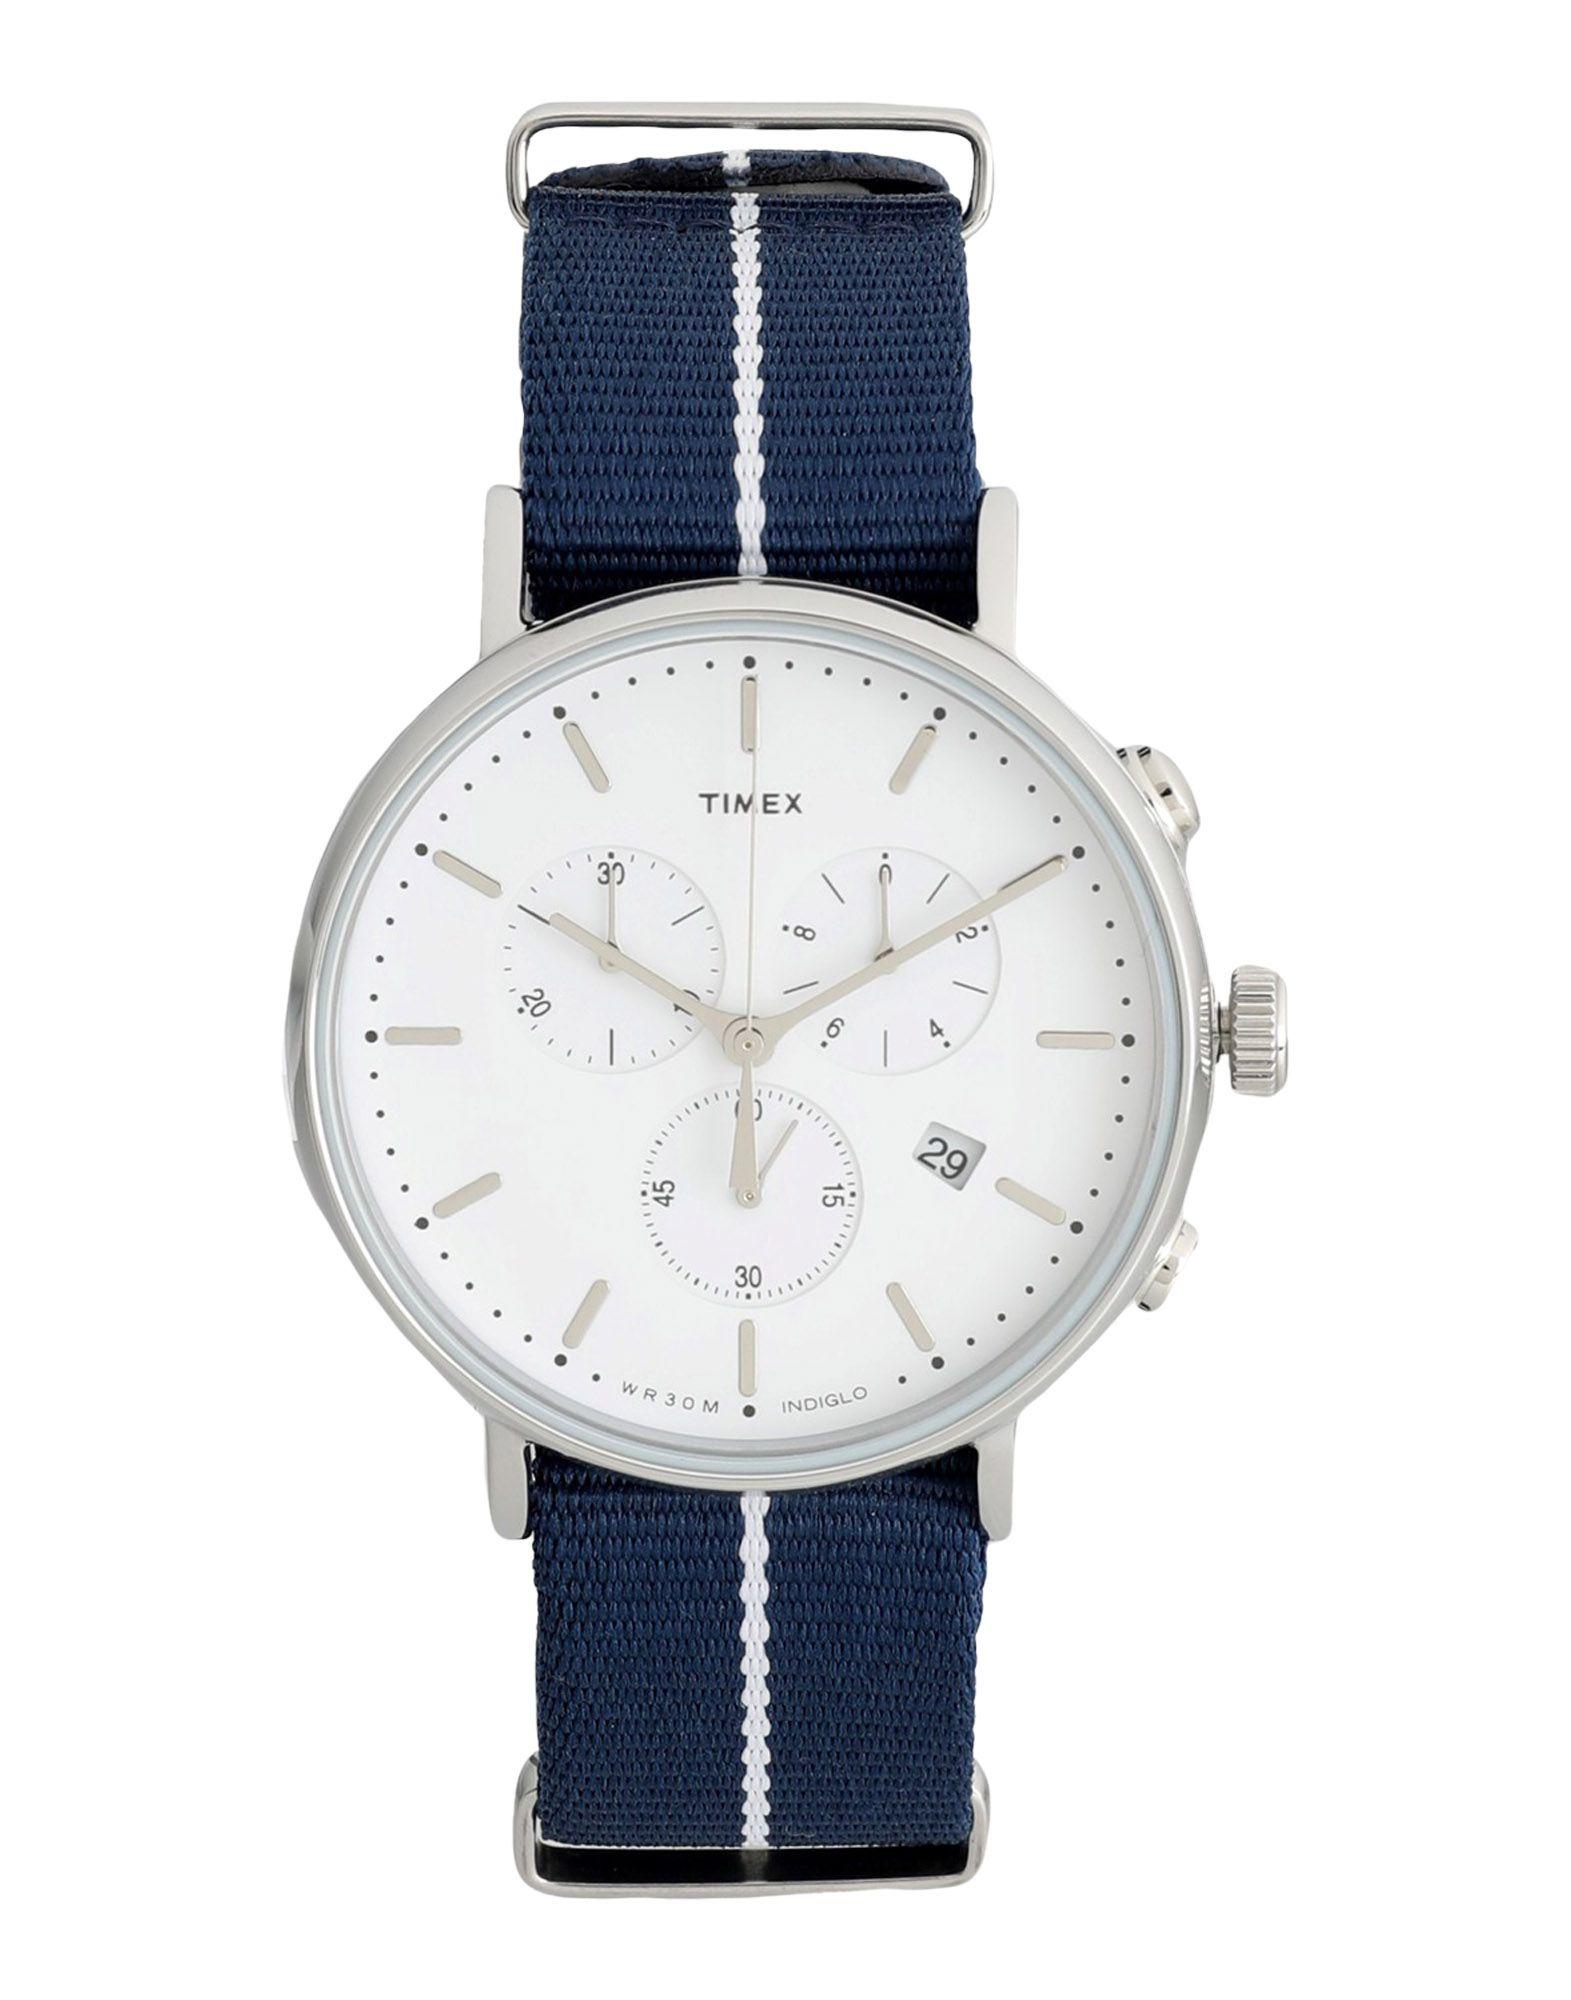 Orologio Da Polso Timex Tw2r27000 Fairfield Chronograph - Uomo - Acquista online su